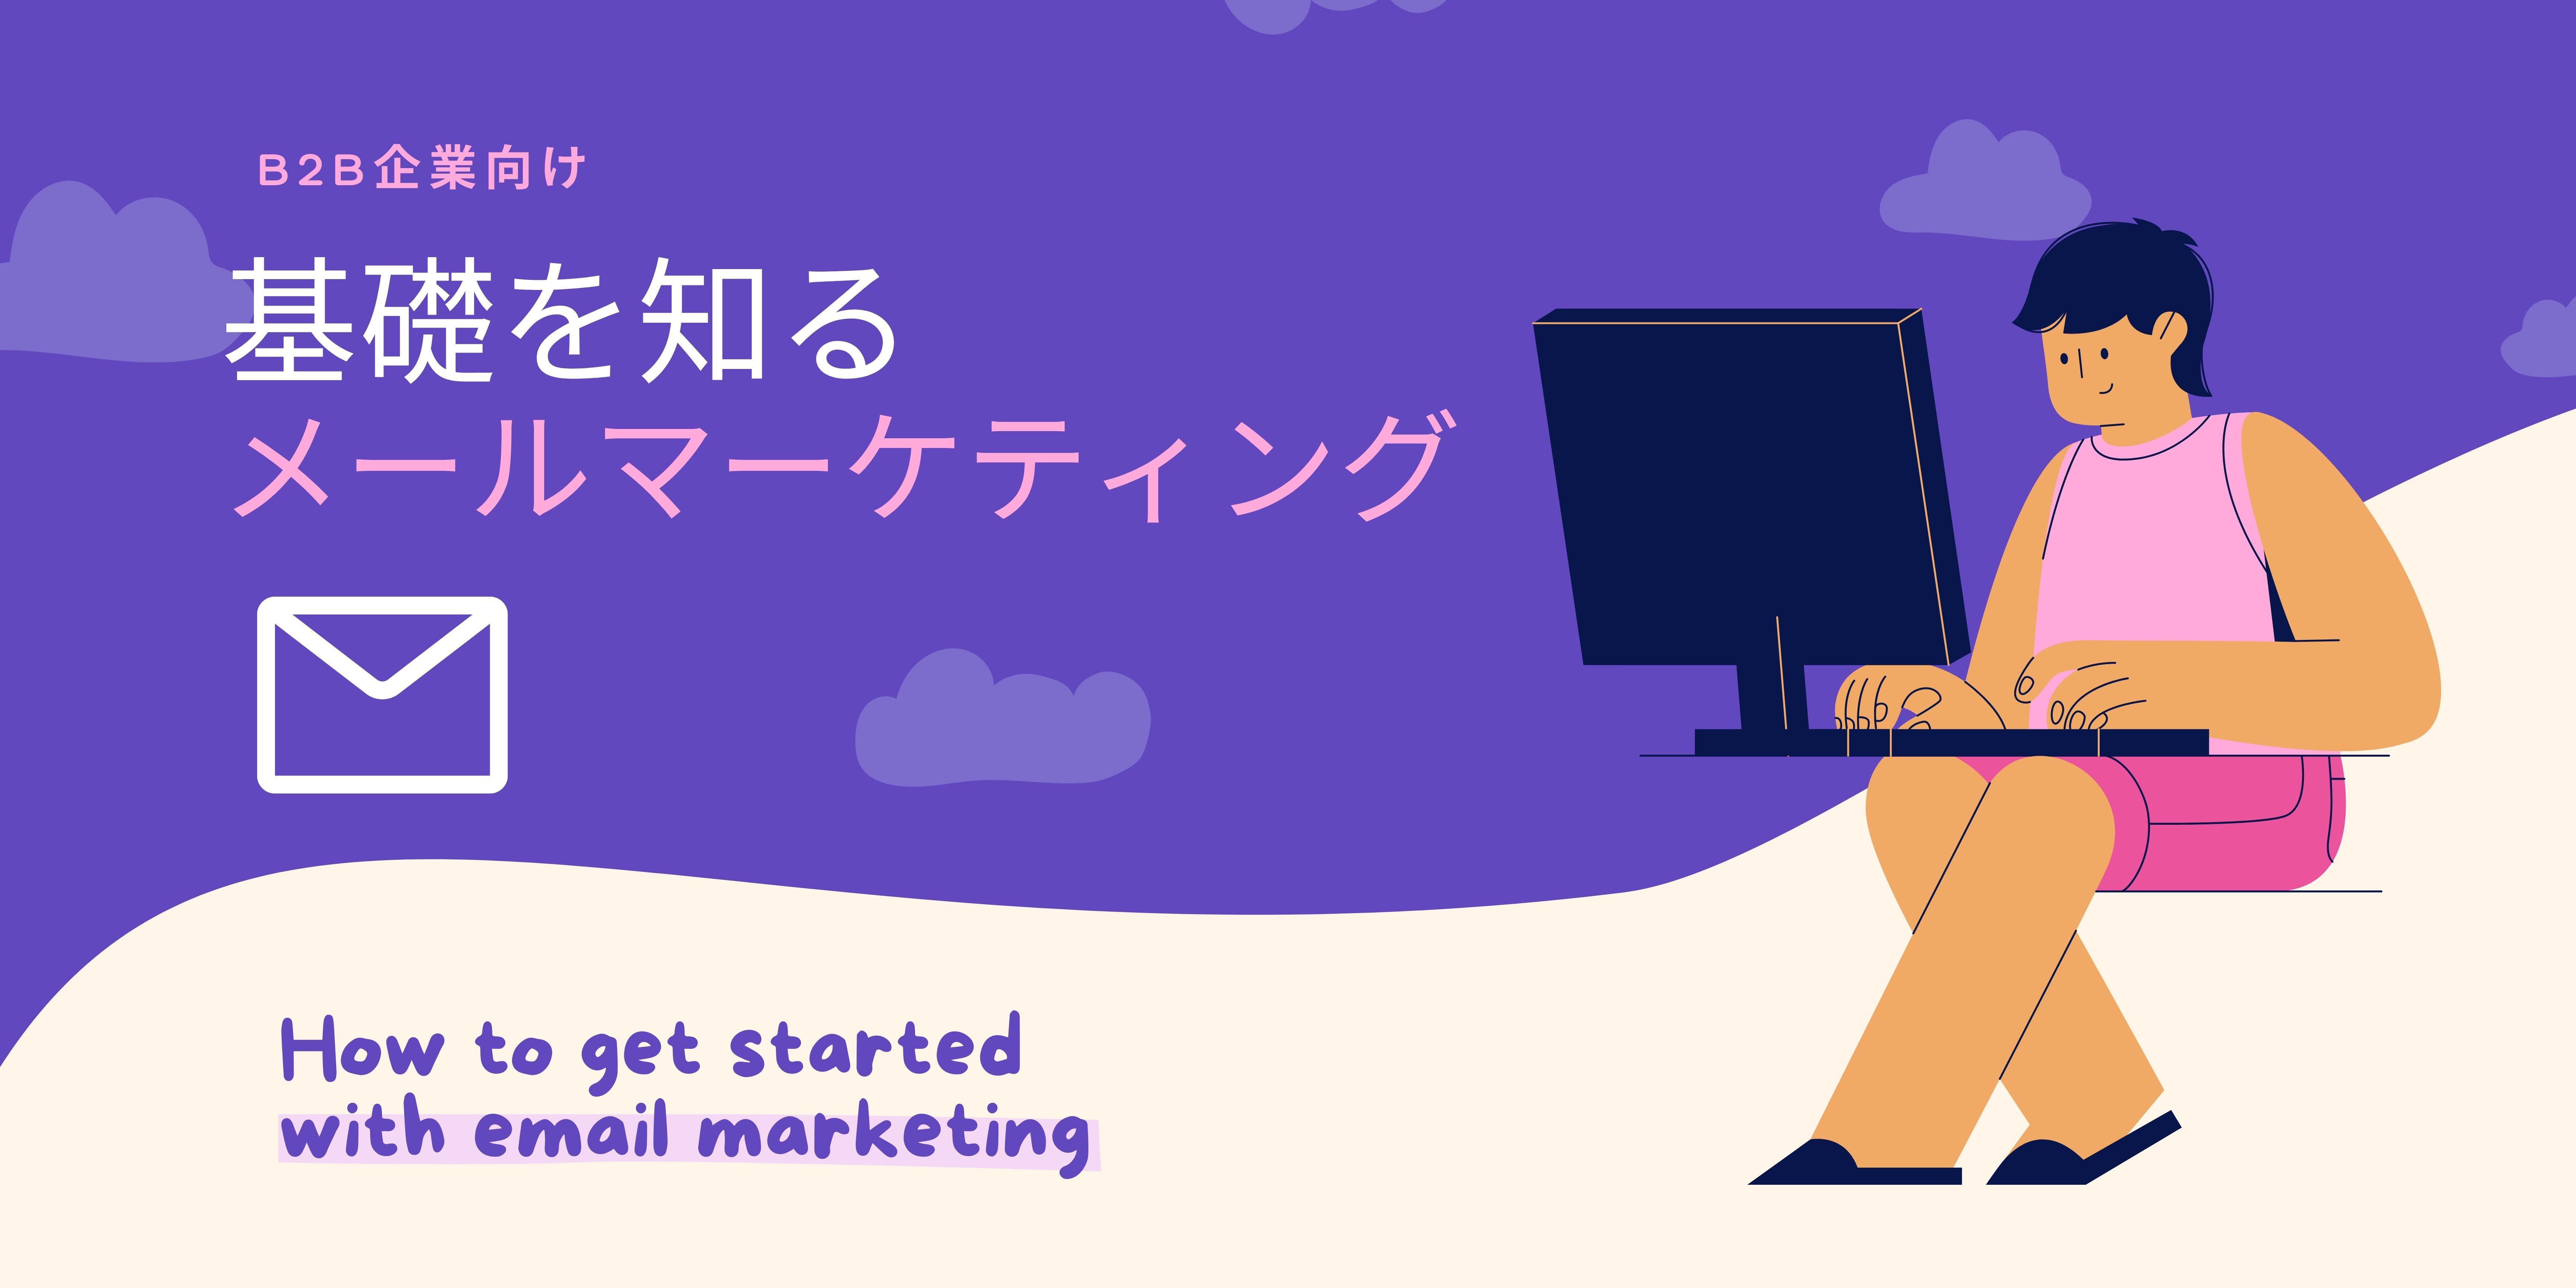 【10月20日(水)】[初心者向け]基礎を知る!B2Bメールマーケティングセミナー